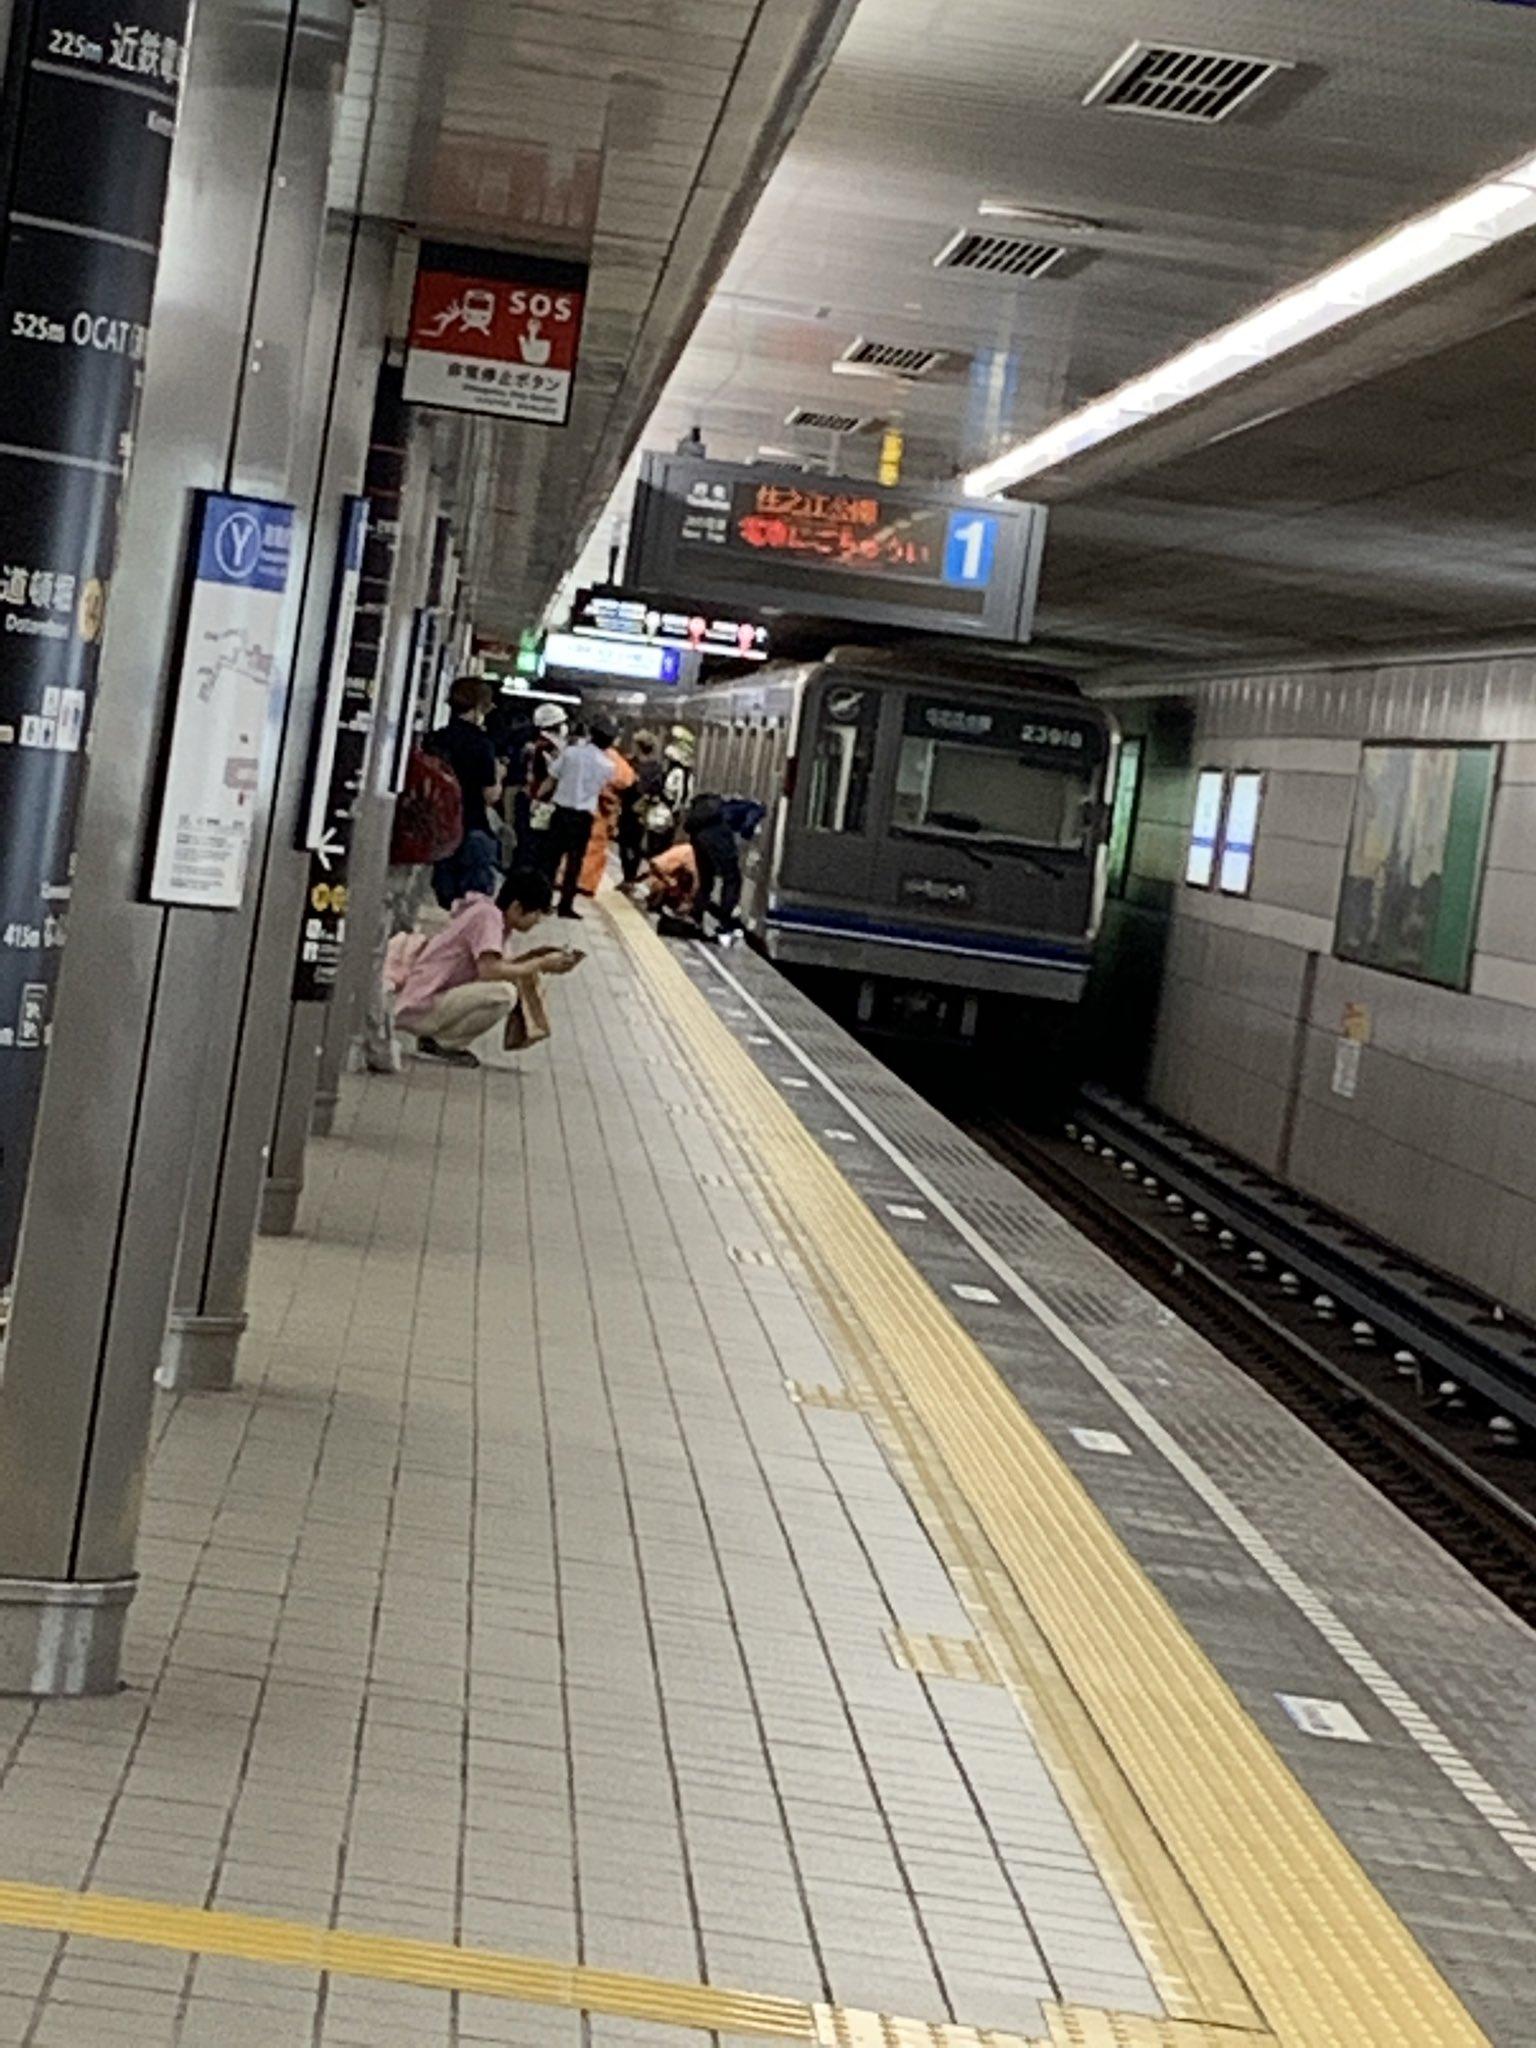 なんば駅の人身事故で救護活動している画像